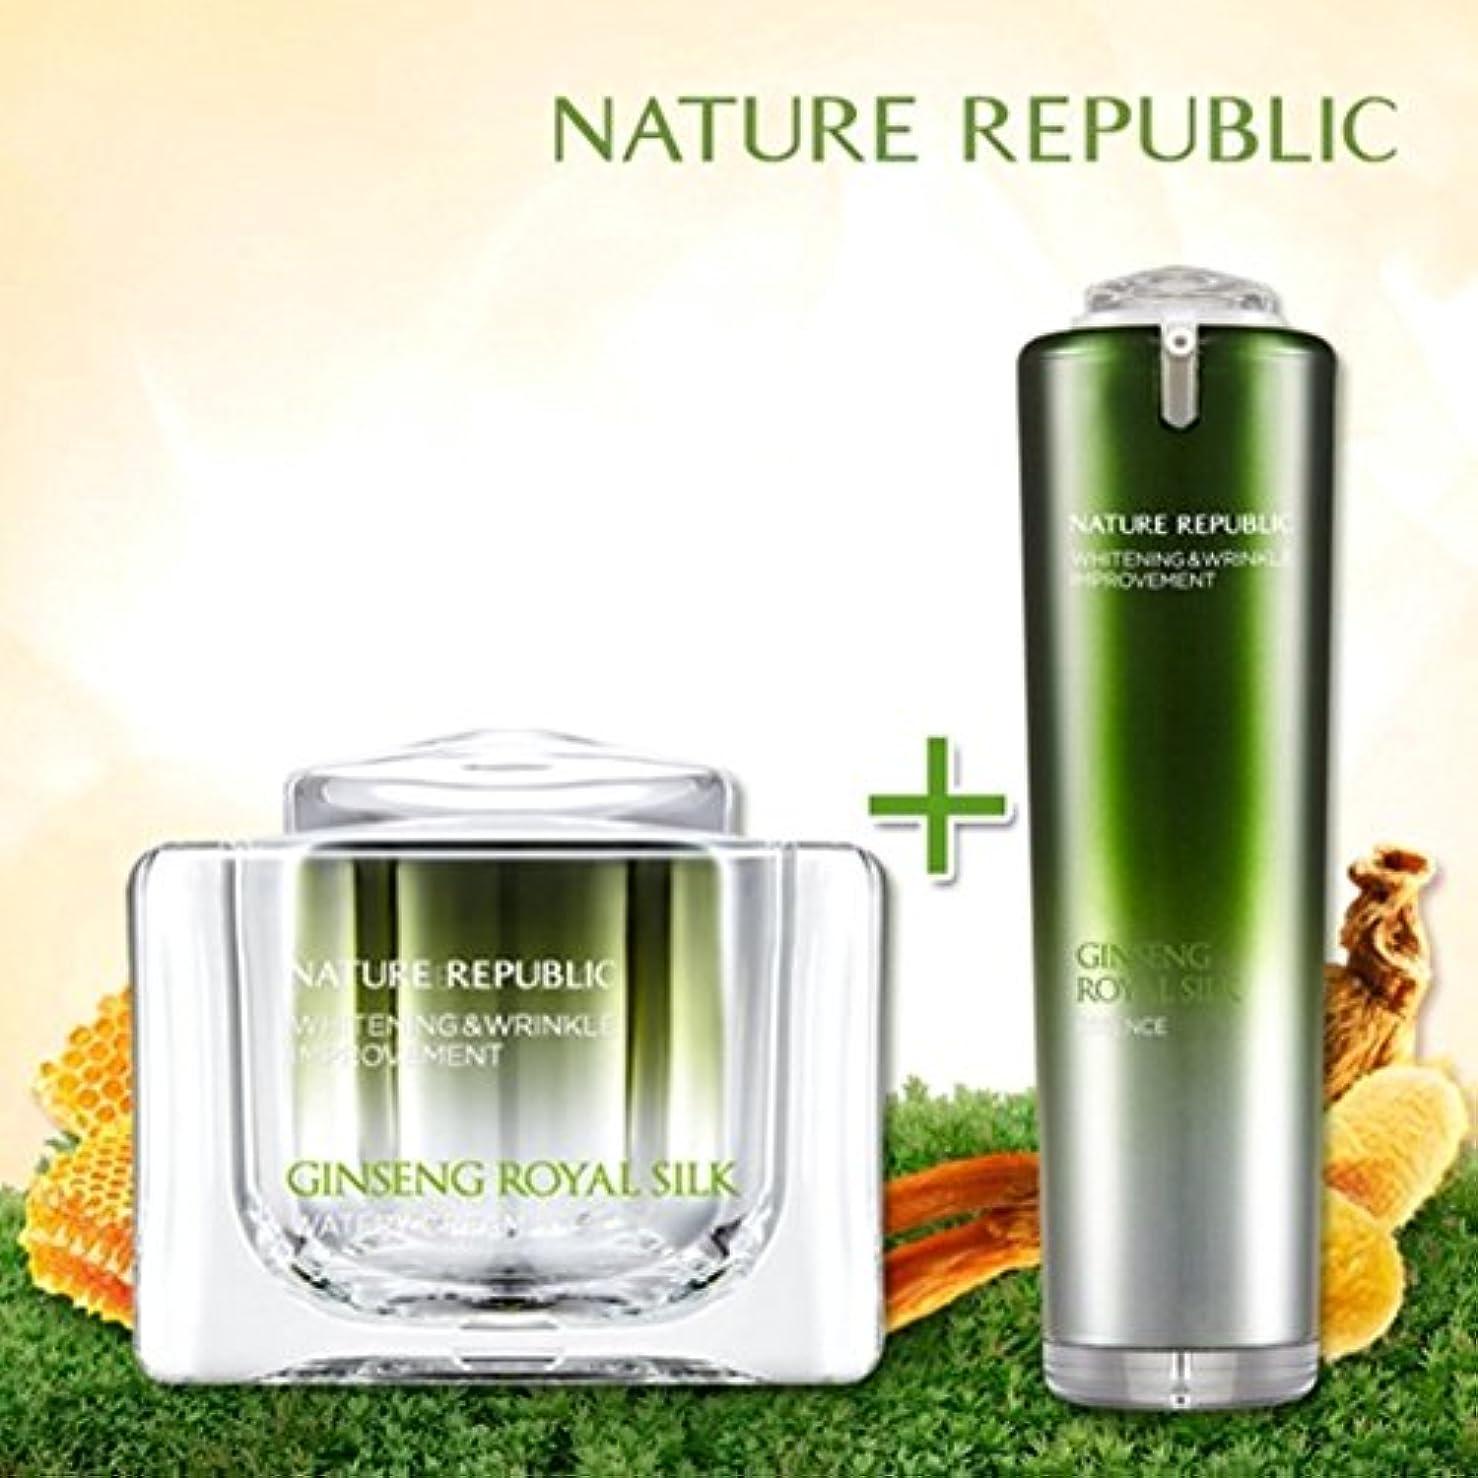 おもしろい供給共和国NATURE REPUBLIC/高麗人参ロイヤルシルクウォーターリークリーム+エッセンス Nature Republic、Ginseng Royal silk Watery Cream+Essence(海外直送品)